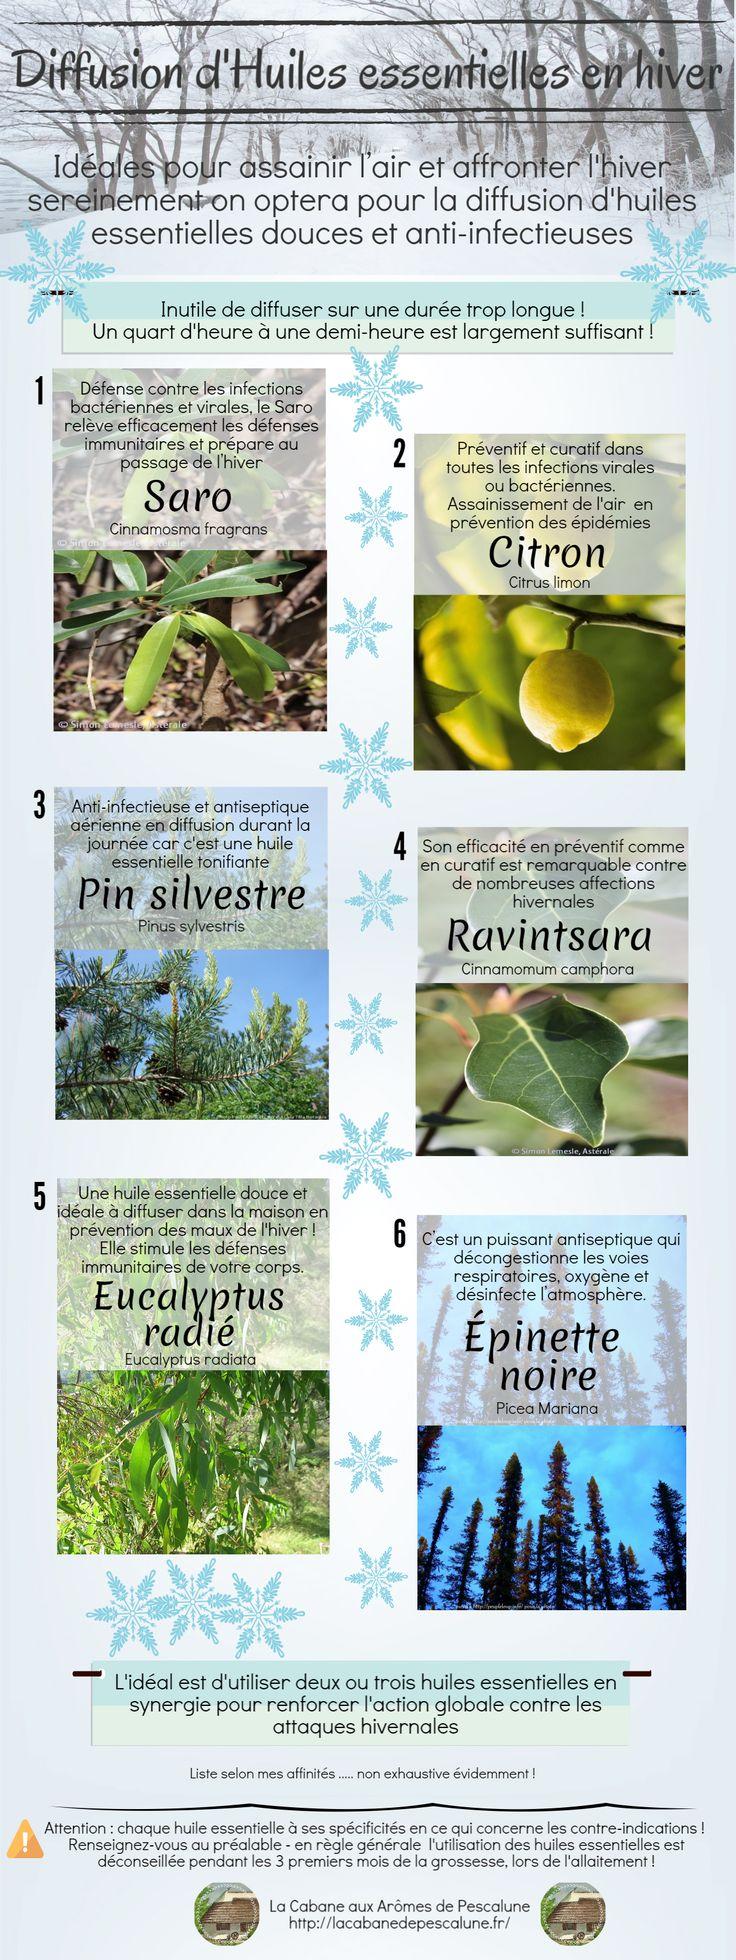 Idéales pour assainir l'air qu'on respire et faire fuir les mauxde l'hiver, les huiles essentielles sont très efficaces en diffusion. Utilisez-les chez vous évidemment, mais aussi - pourquoi pas -...